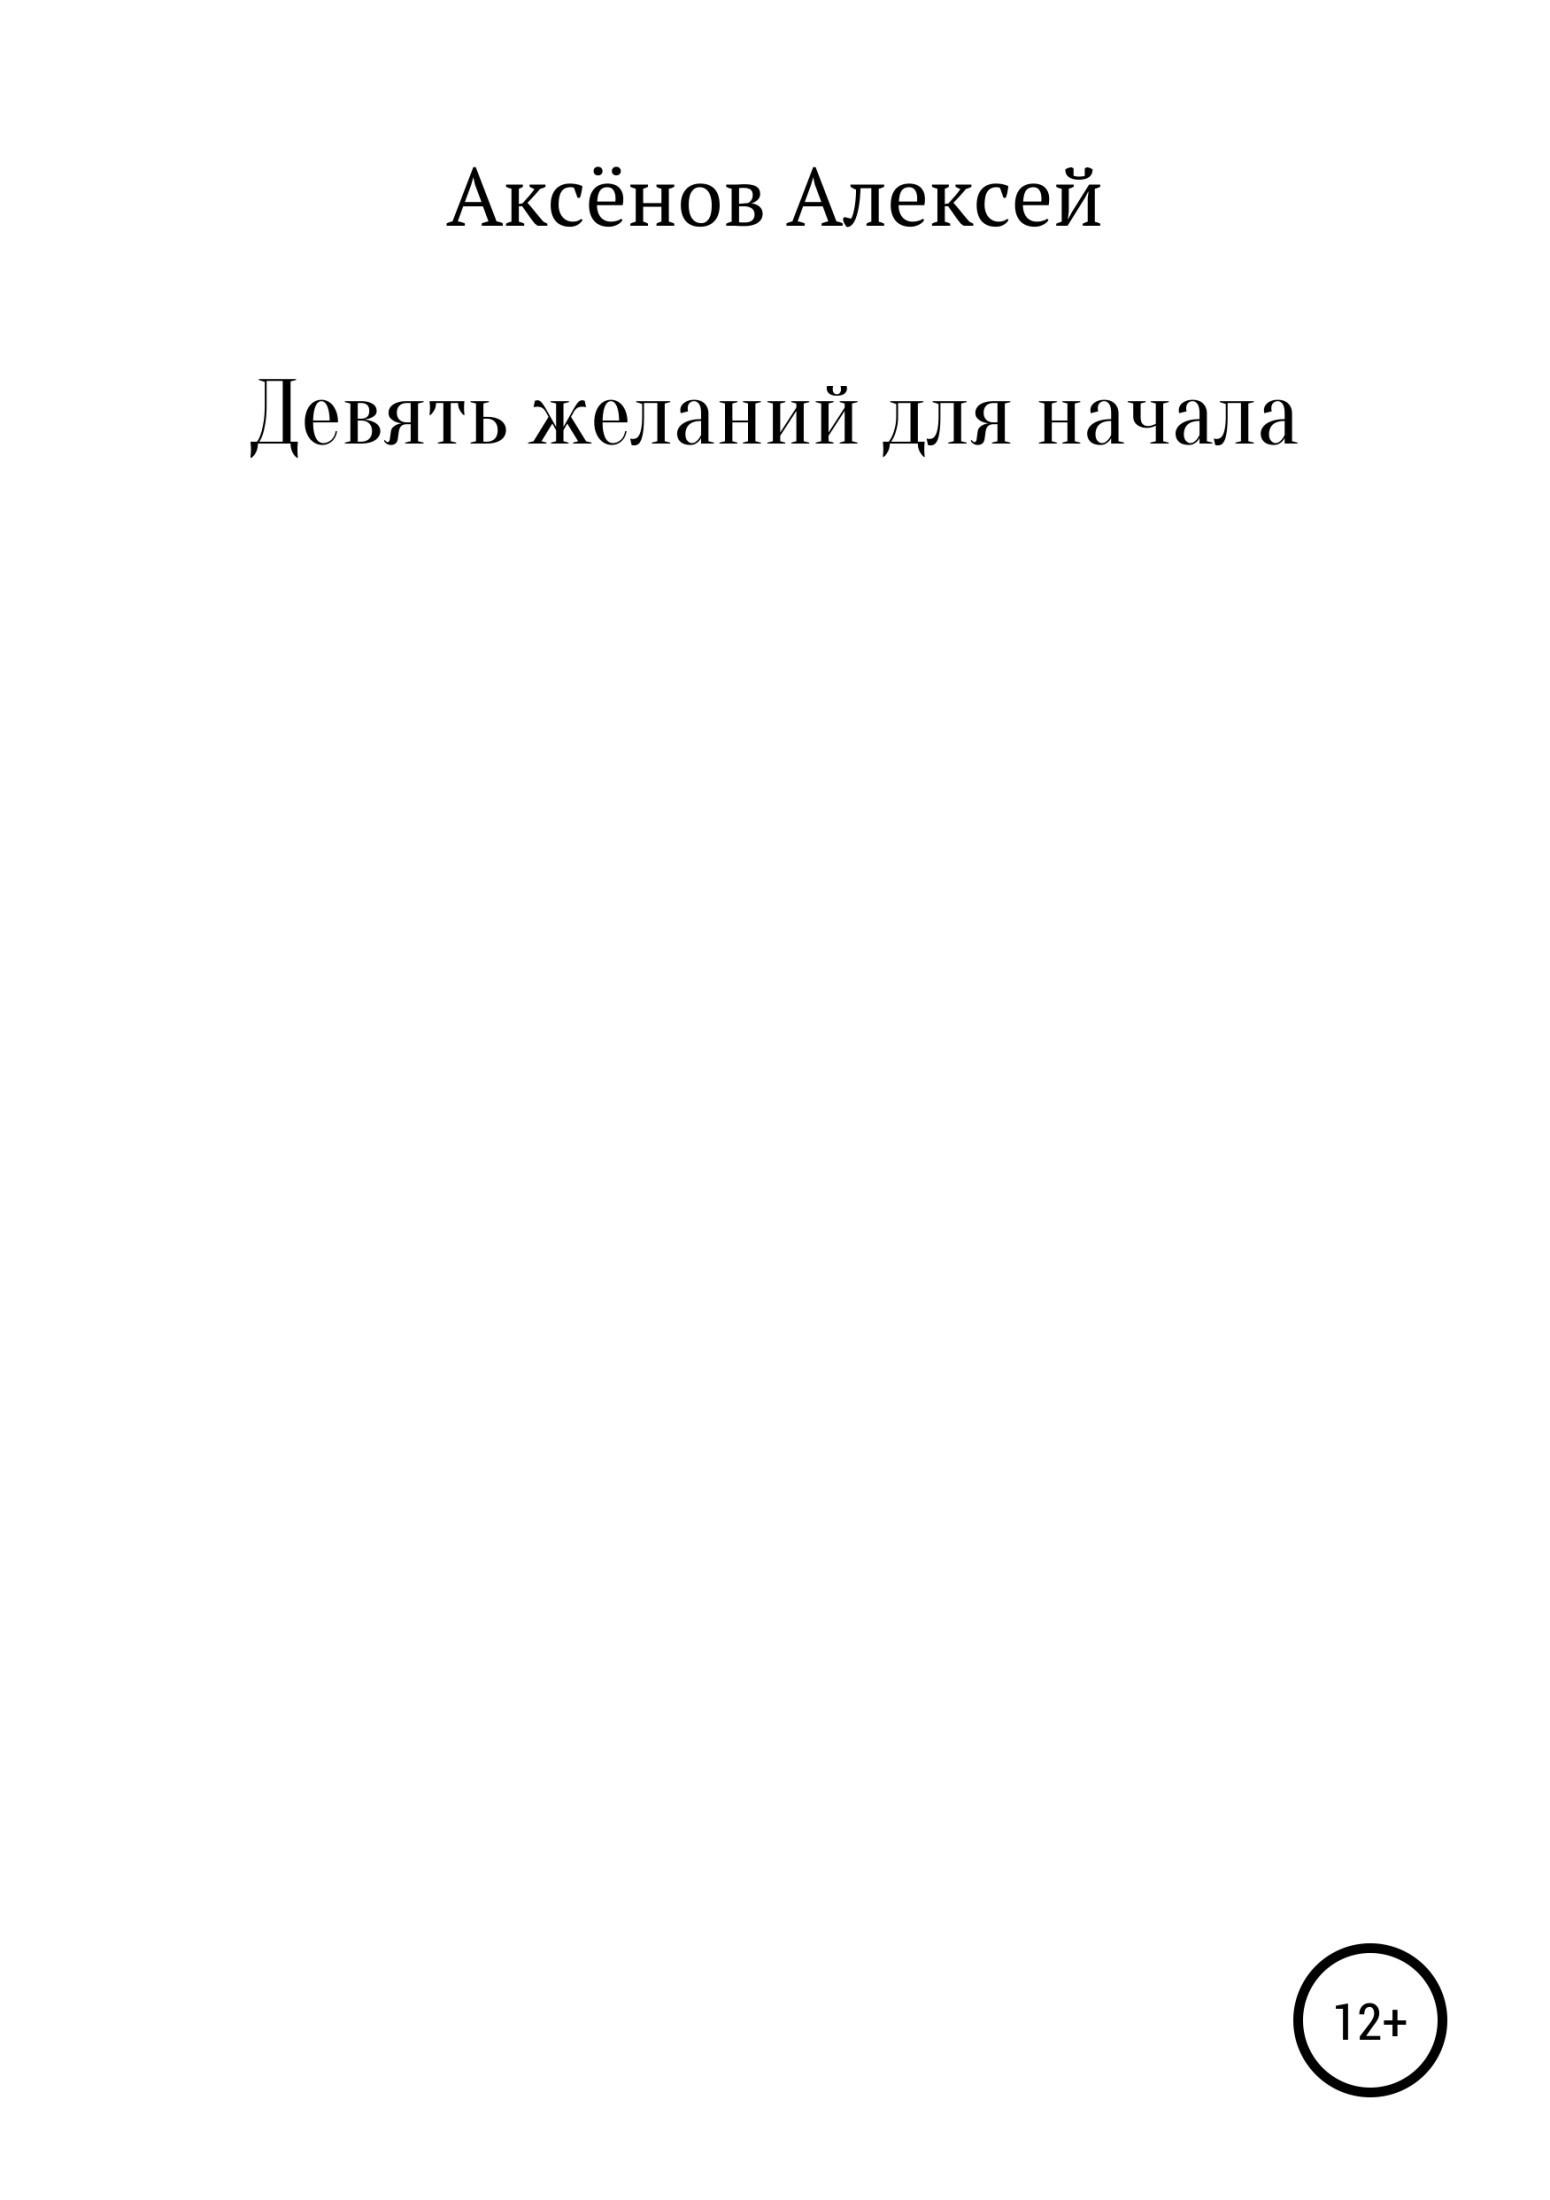 Девять желаний для начала